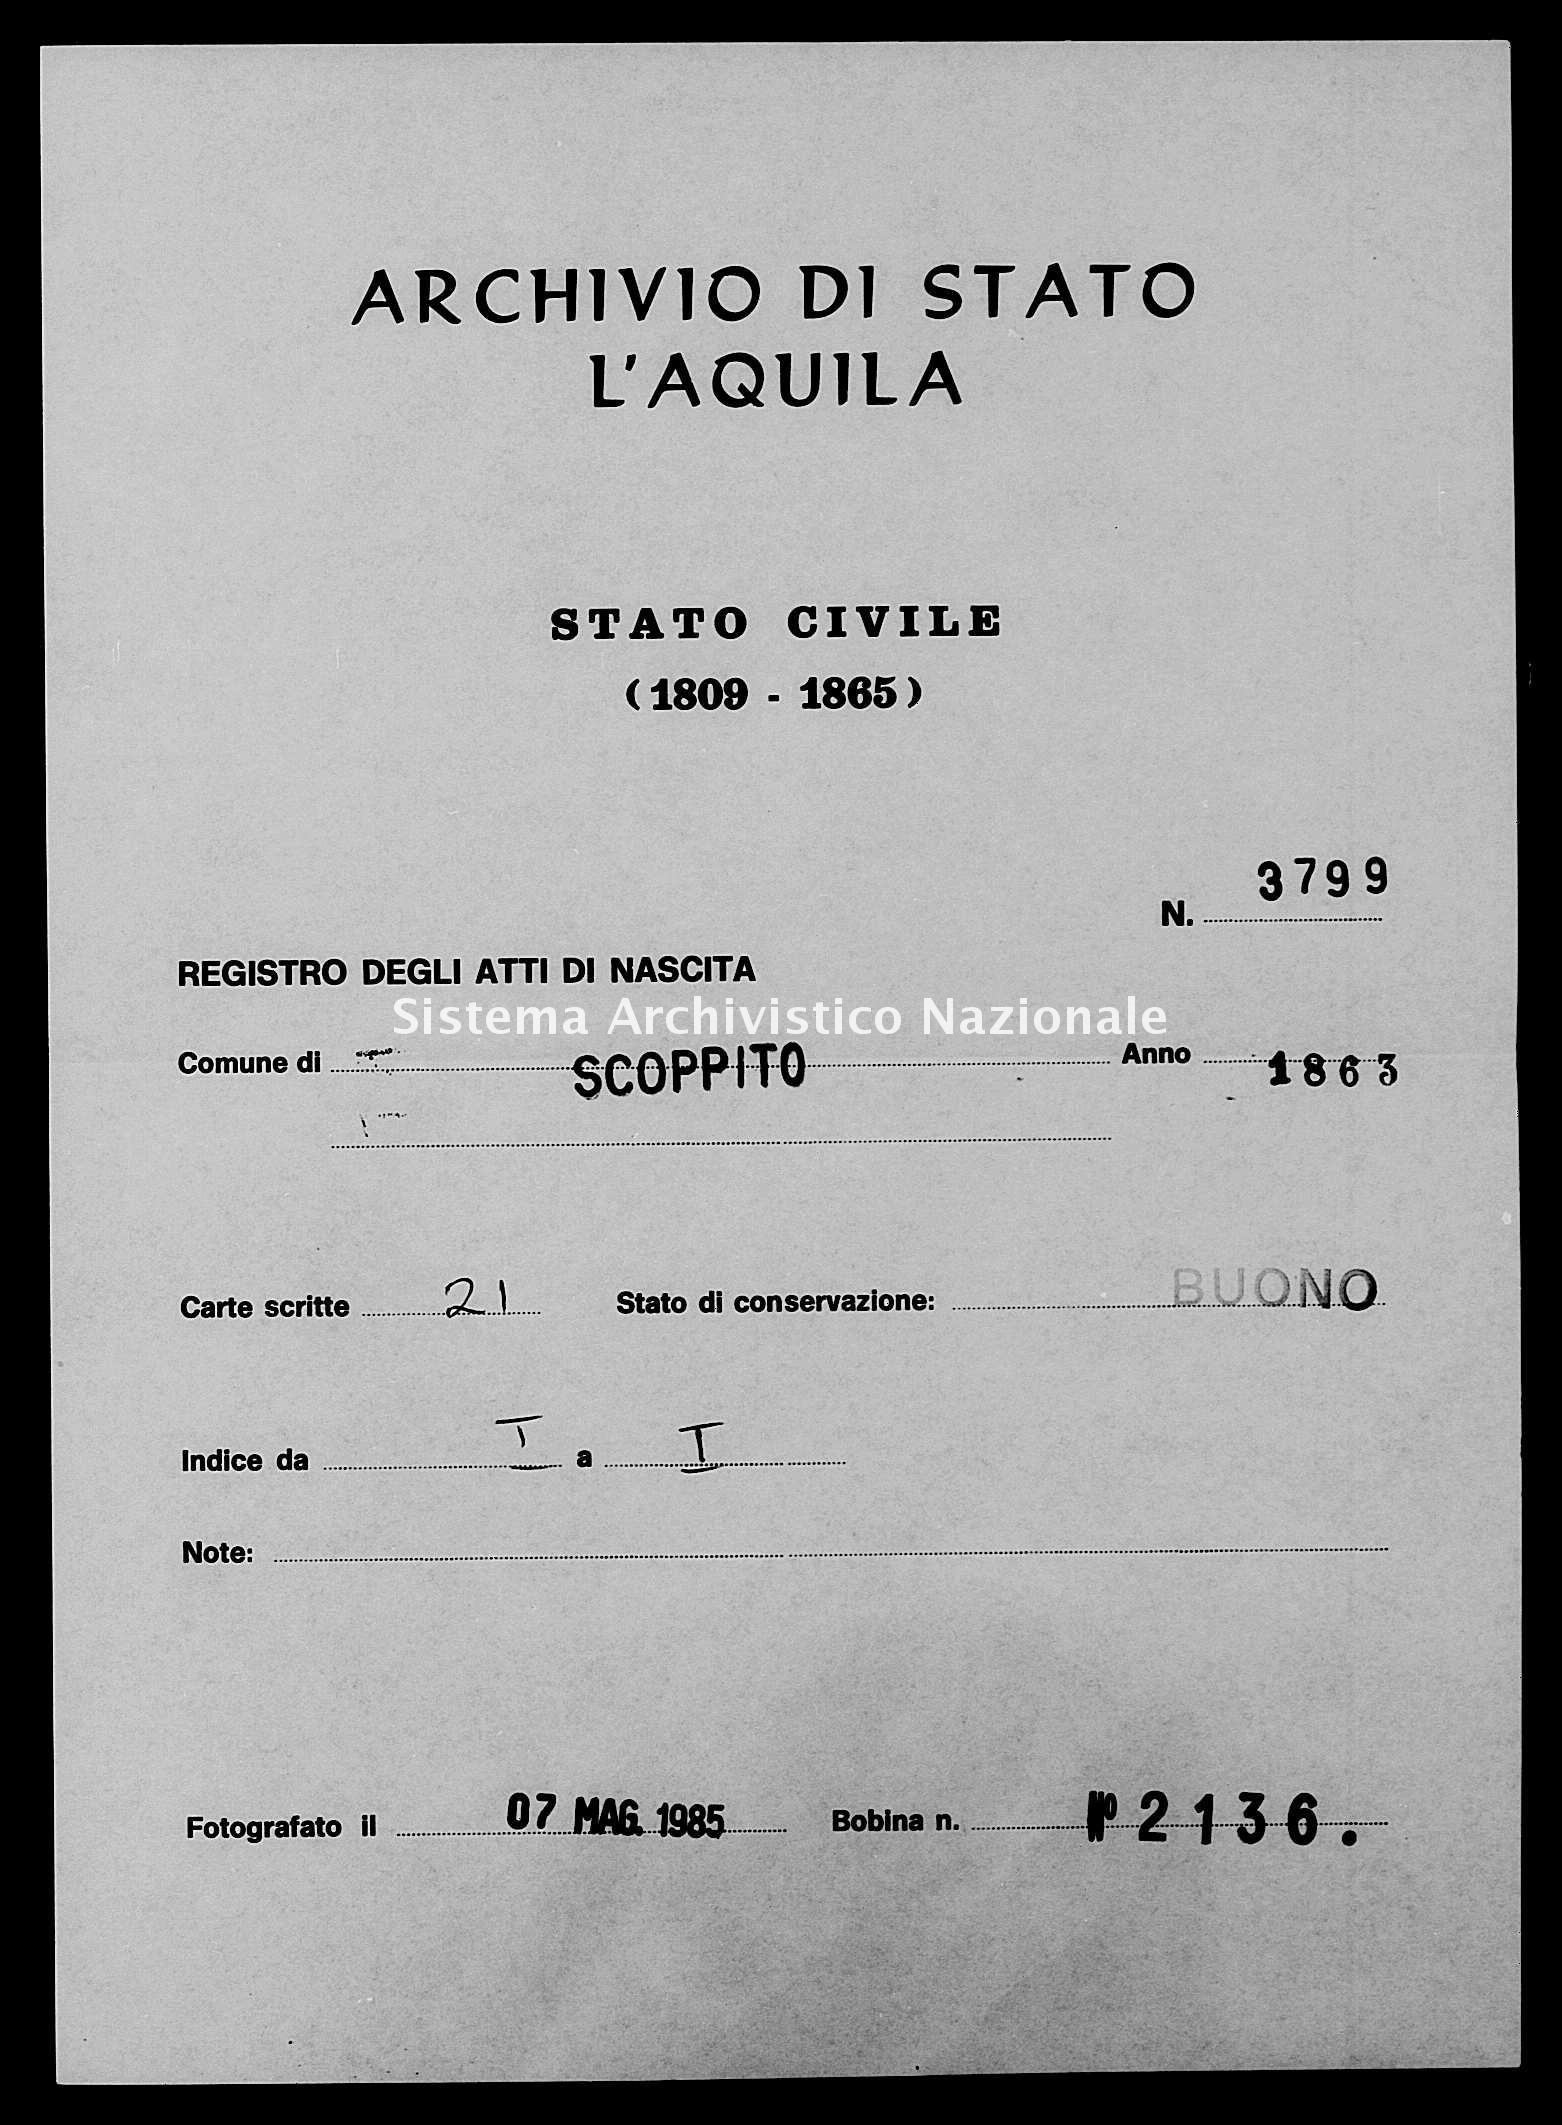 Archivio di stato di L'aquila - Stato civile italiano - Scoppito - Nati - 1863 - 3799 -